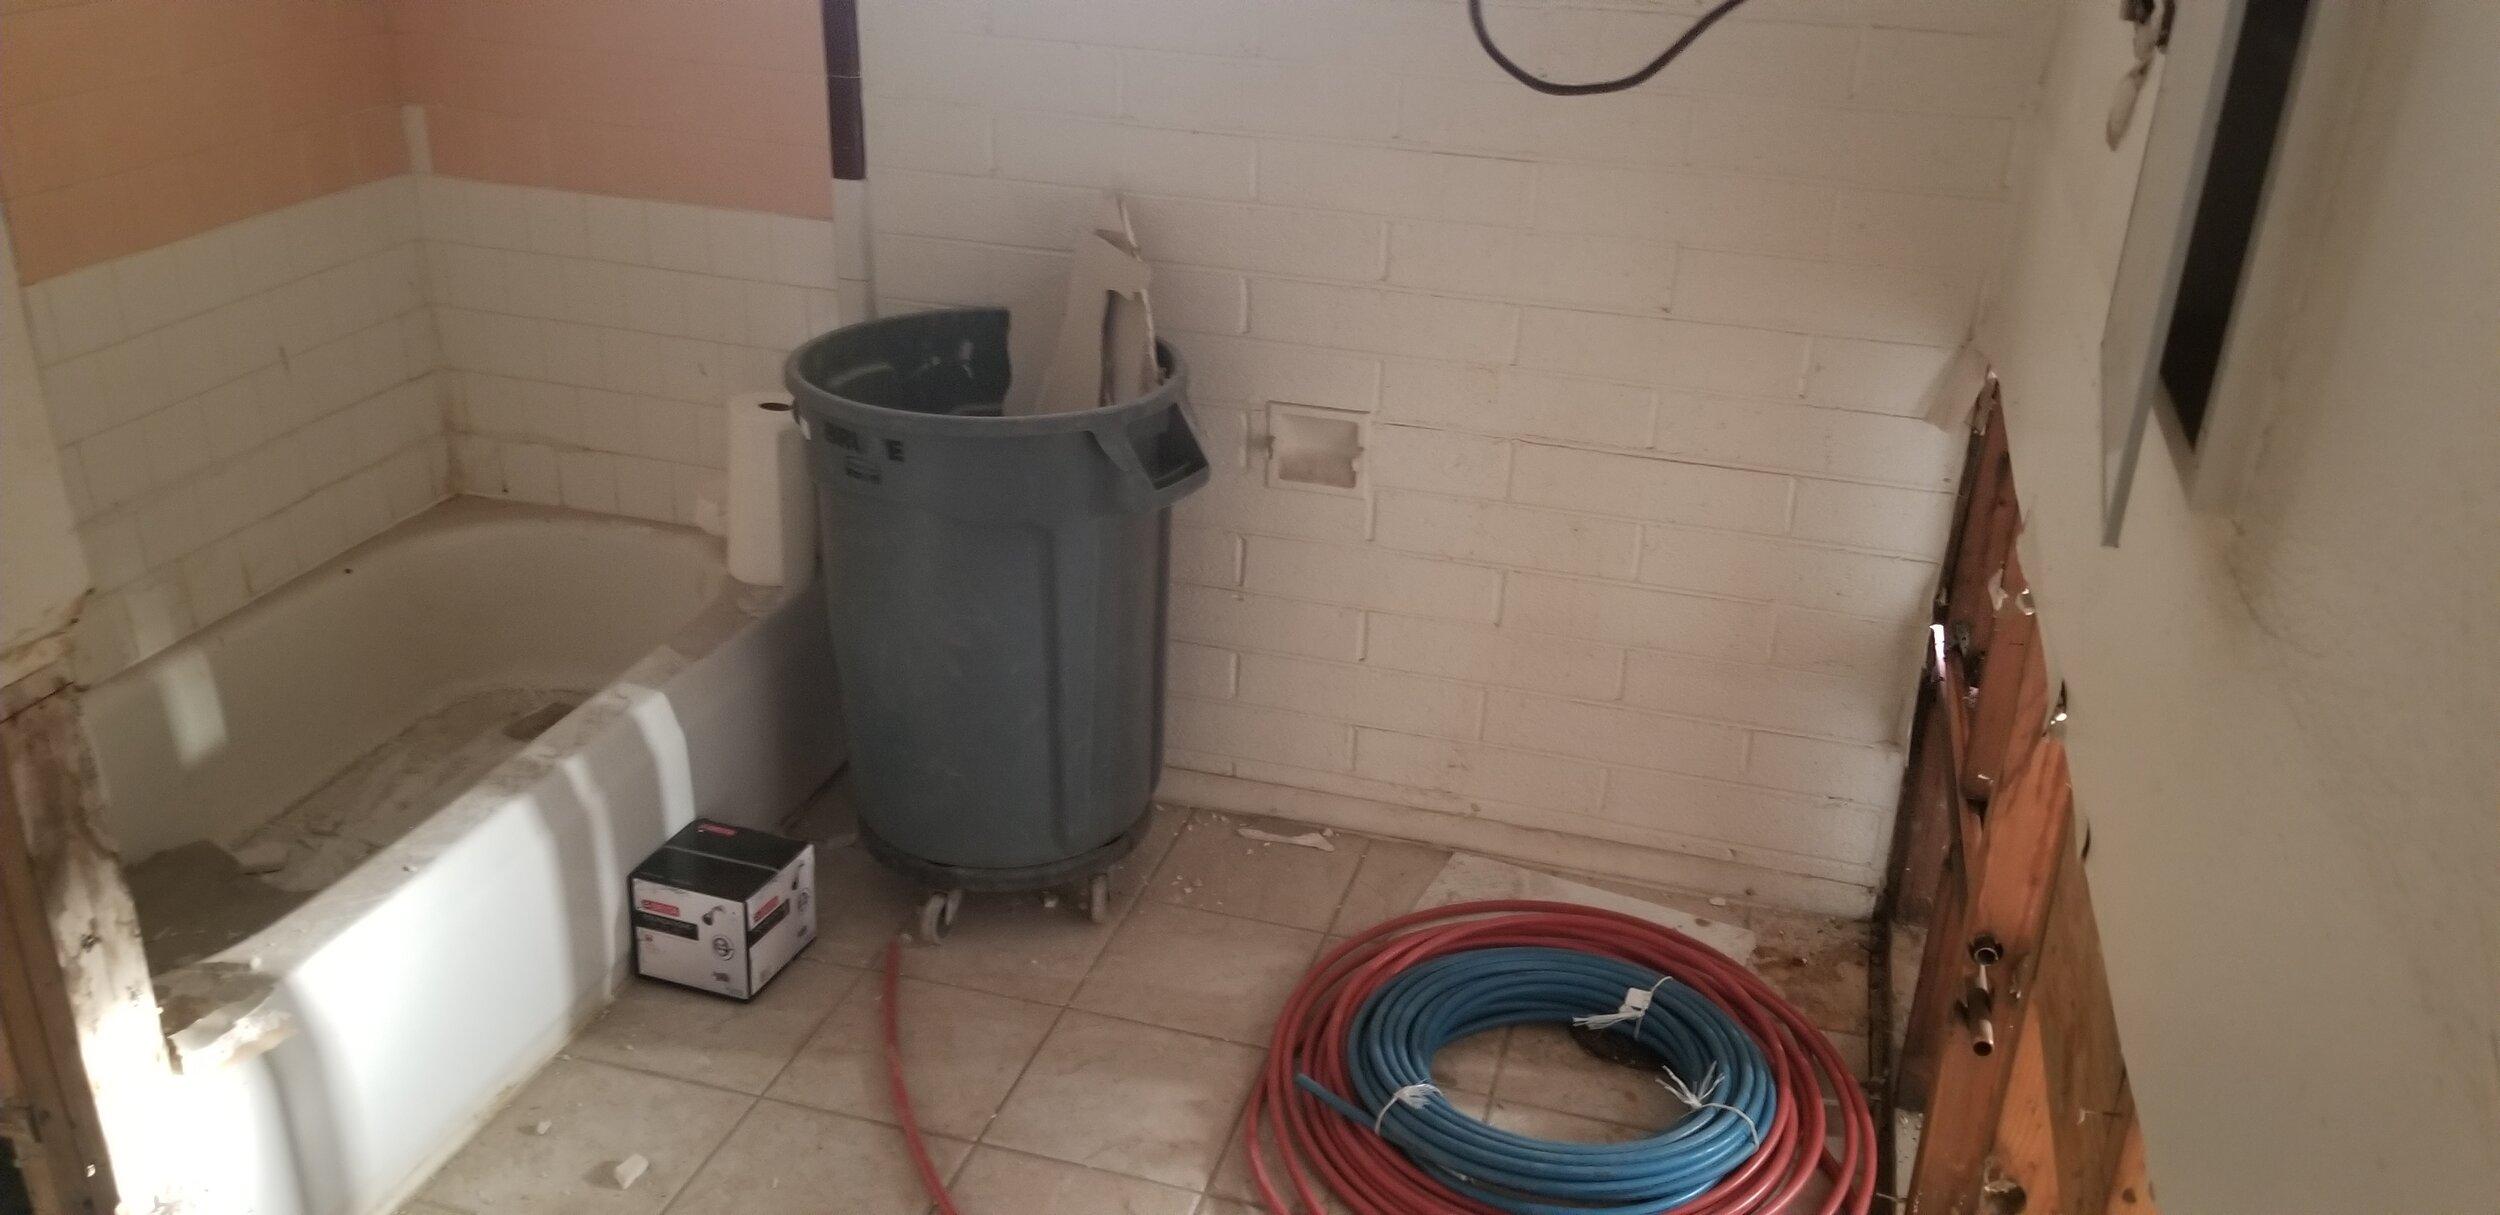 Bathroom new plumbing